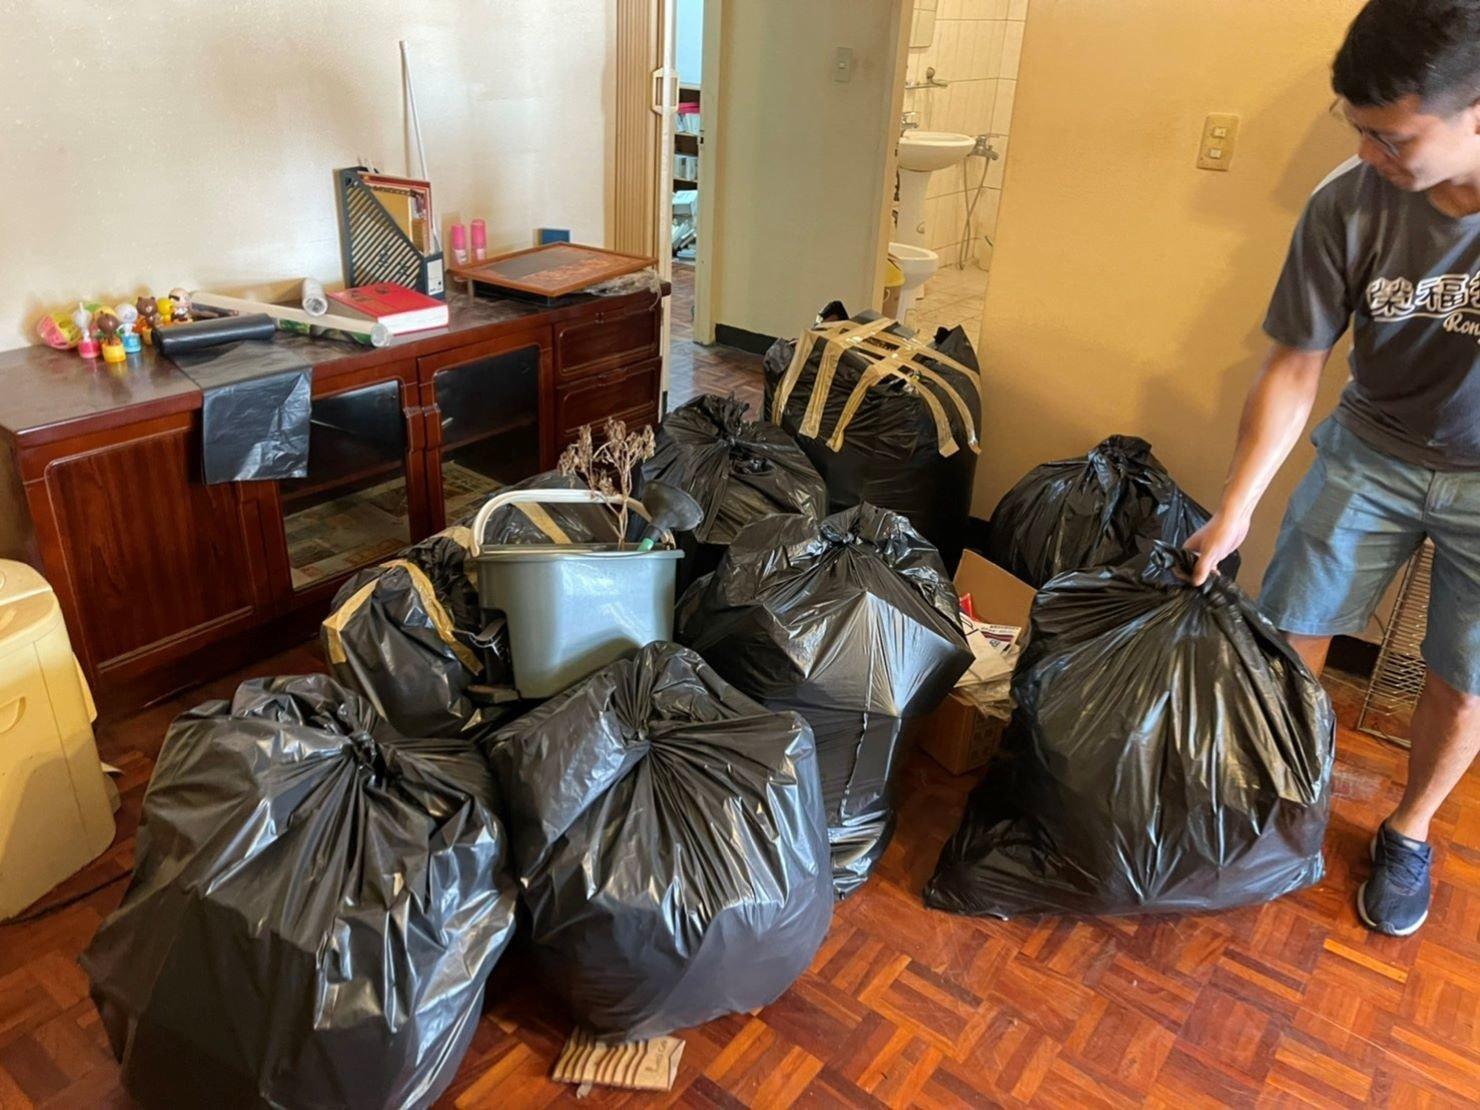 搬家推薦【榮福搬家】搬家口碑第一、台北搬家、新北搬家:【廢棄物處理清運、家庭家具垃圾處理】榮福搬家師傅將顧客不要的雜物全部清理裝袋打包,再用黃色透明膠帶將塑膠袋開口處緊封。